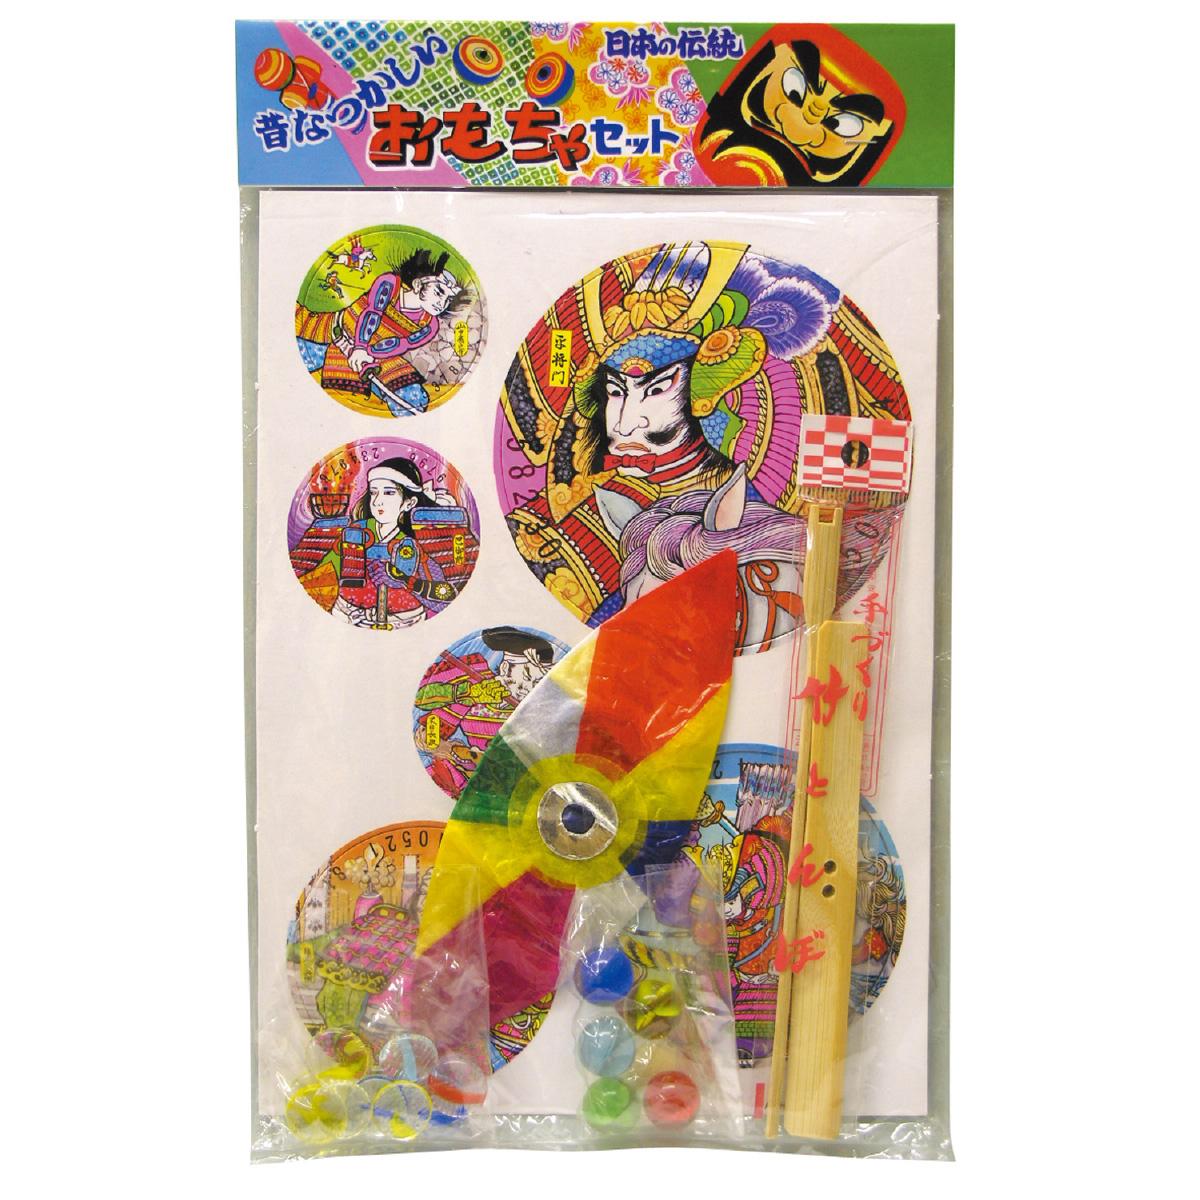 昔なつかしのおもちゃセット 幼児 子供 キッズ おもちゃ 知育玩具 クリスマスプレゼント